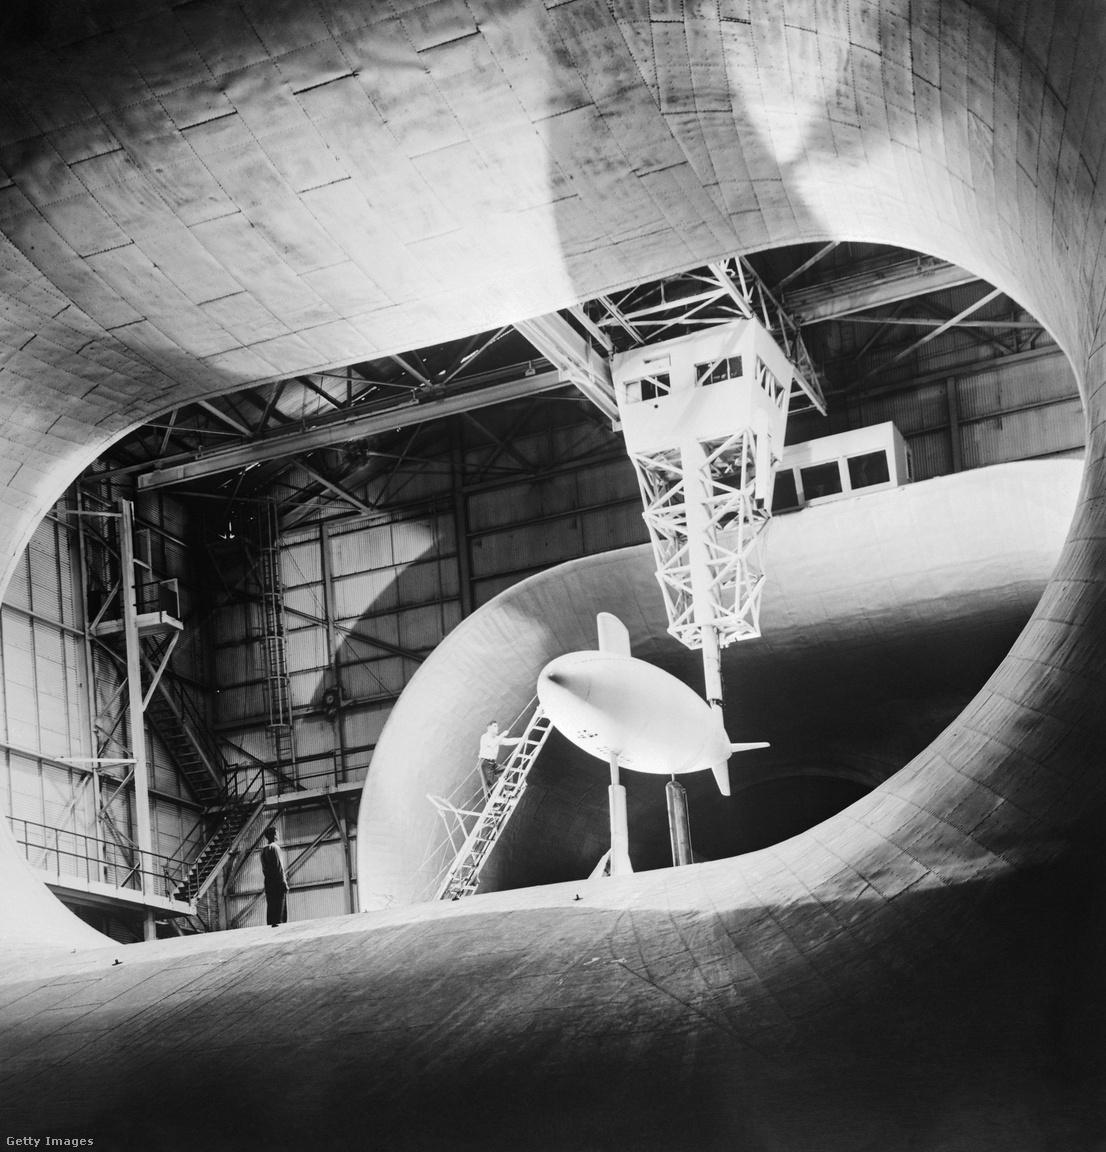 """1950: nemcsak repülőgépeket, de más közlekedési eszközöket is teszteltek, tesztelnek a Langley szélcsatornáiban. A képen az Albacore nevű kísérleti tengeralattjáró """"aerodinamikai"""" tulajdonságait tesztelik. Az Albacore alakja lett a későbbi modern atomtengeralattjárók etalonja."""